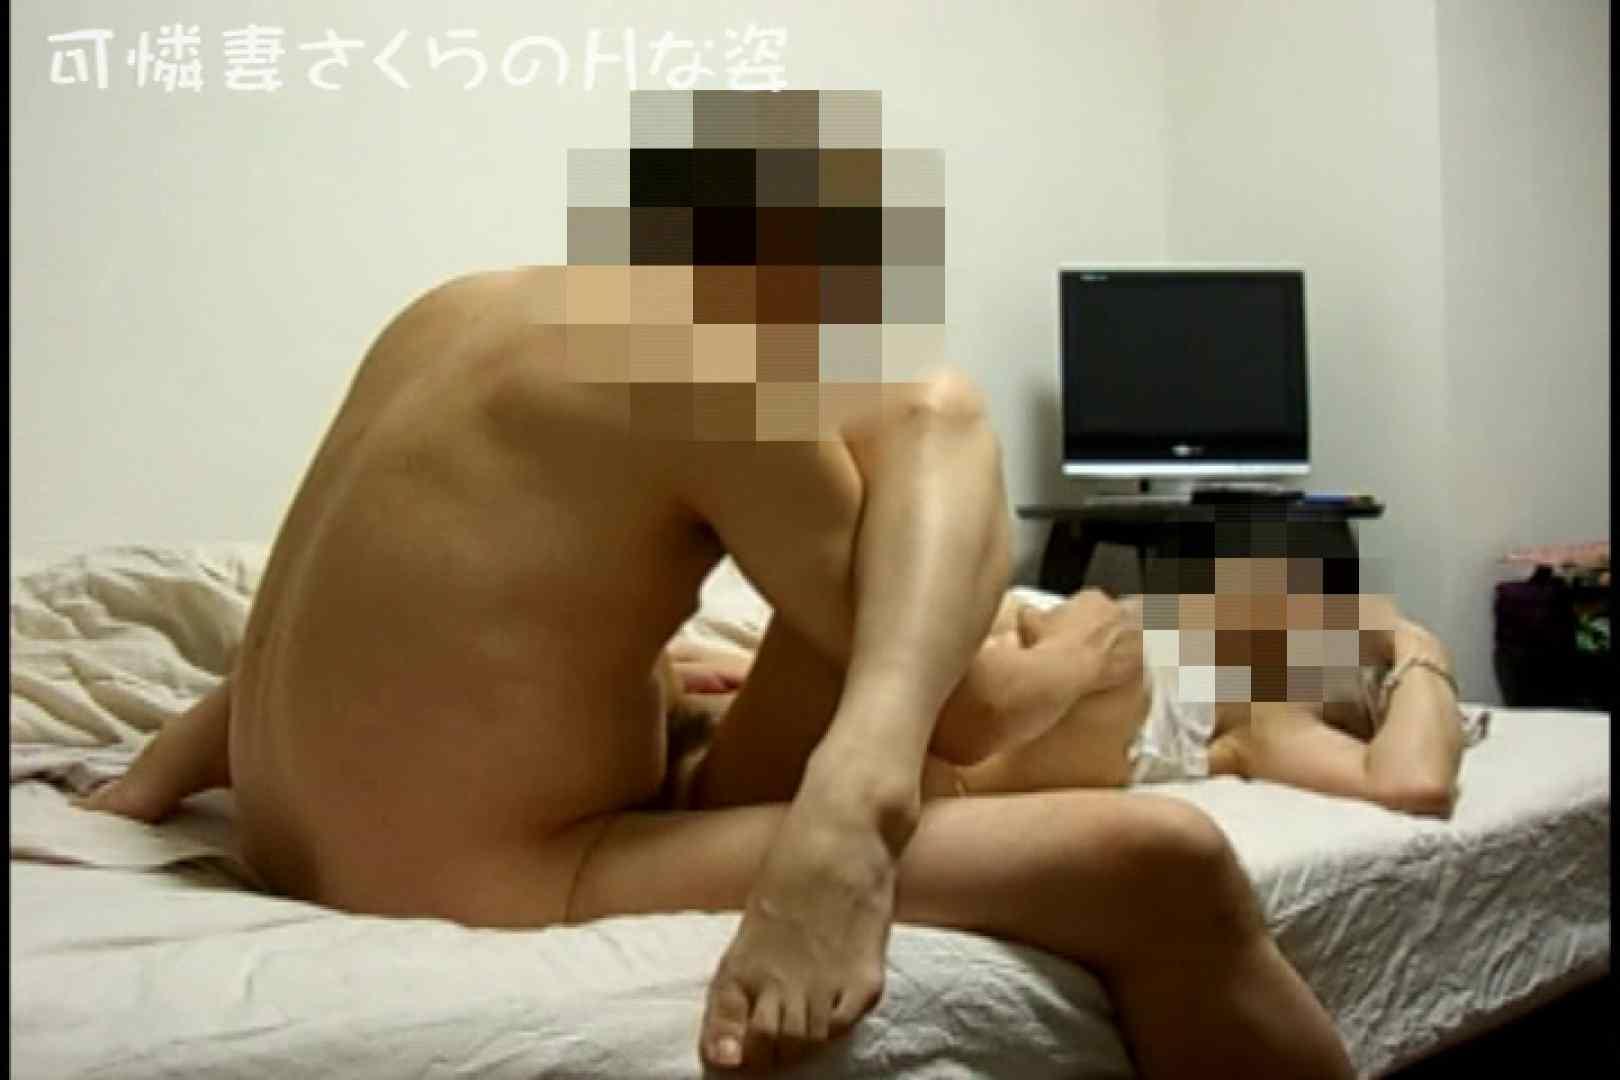 可憐妻さくらのHな姿vol.4後編 エッチなOL   セックス映像  108枚 97